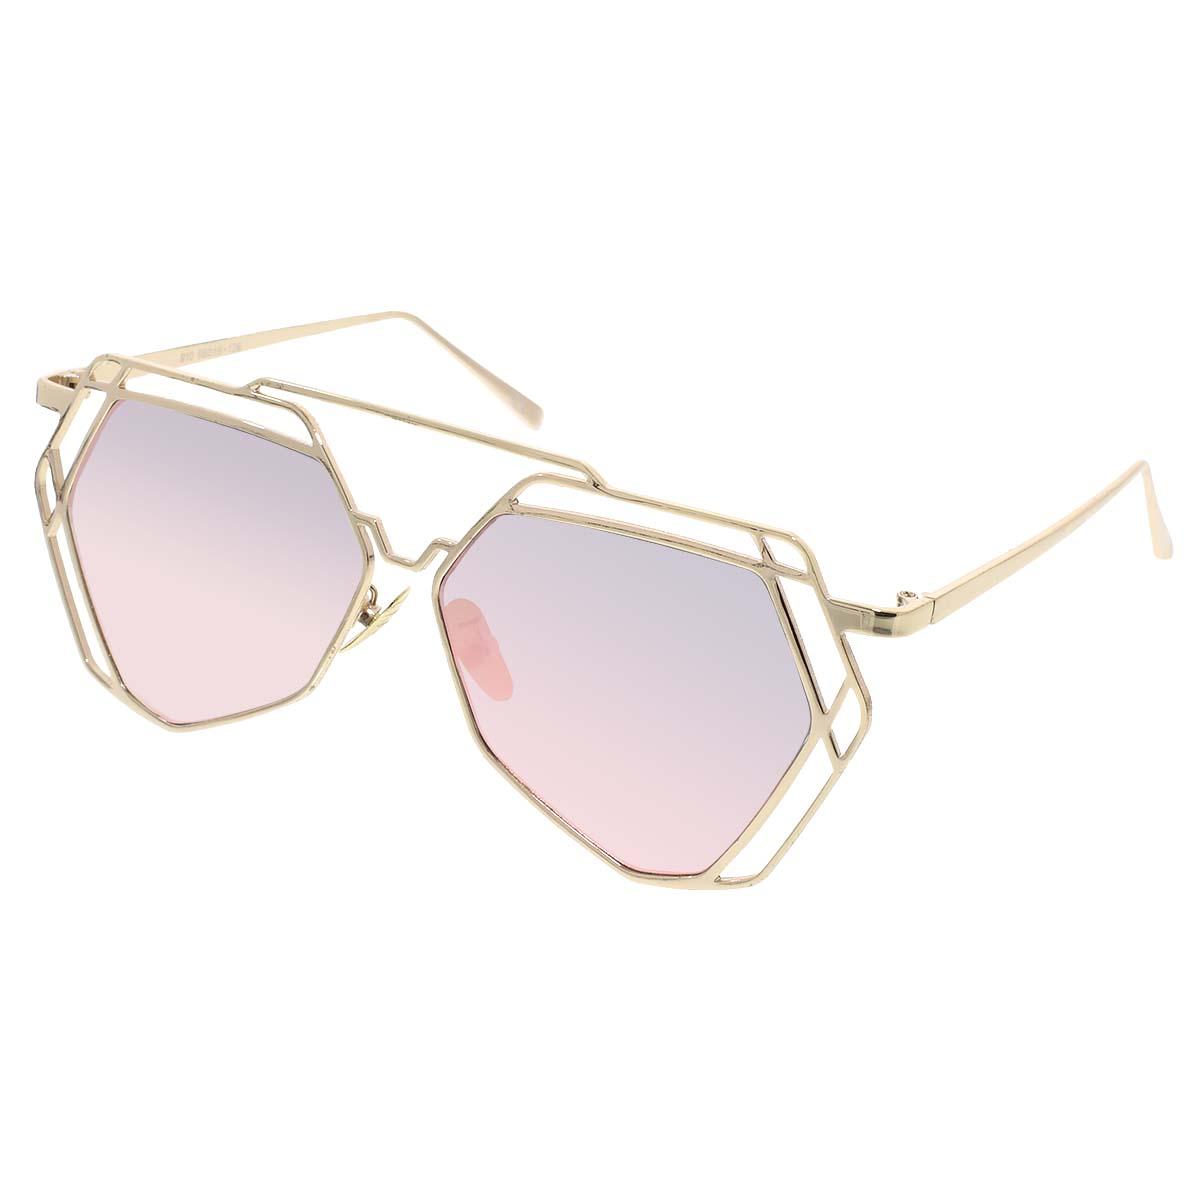 Sluneční brýle Border zlaté obroučky růžová skla